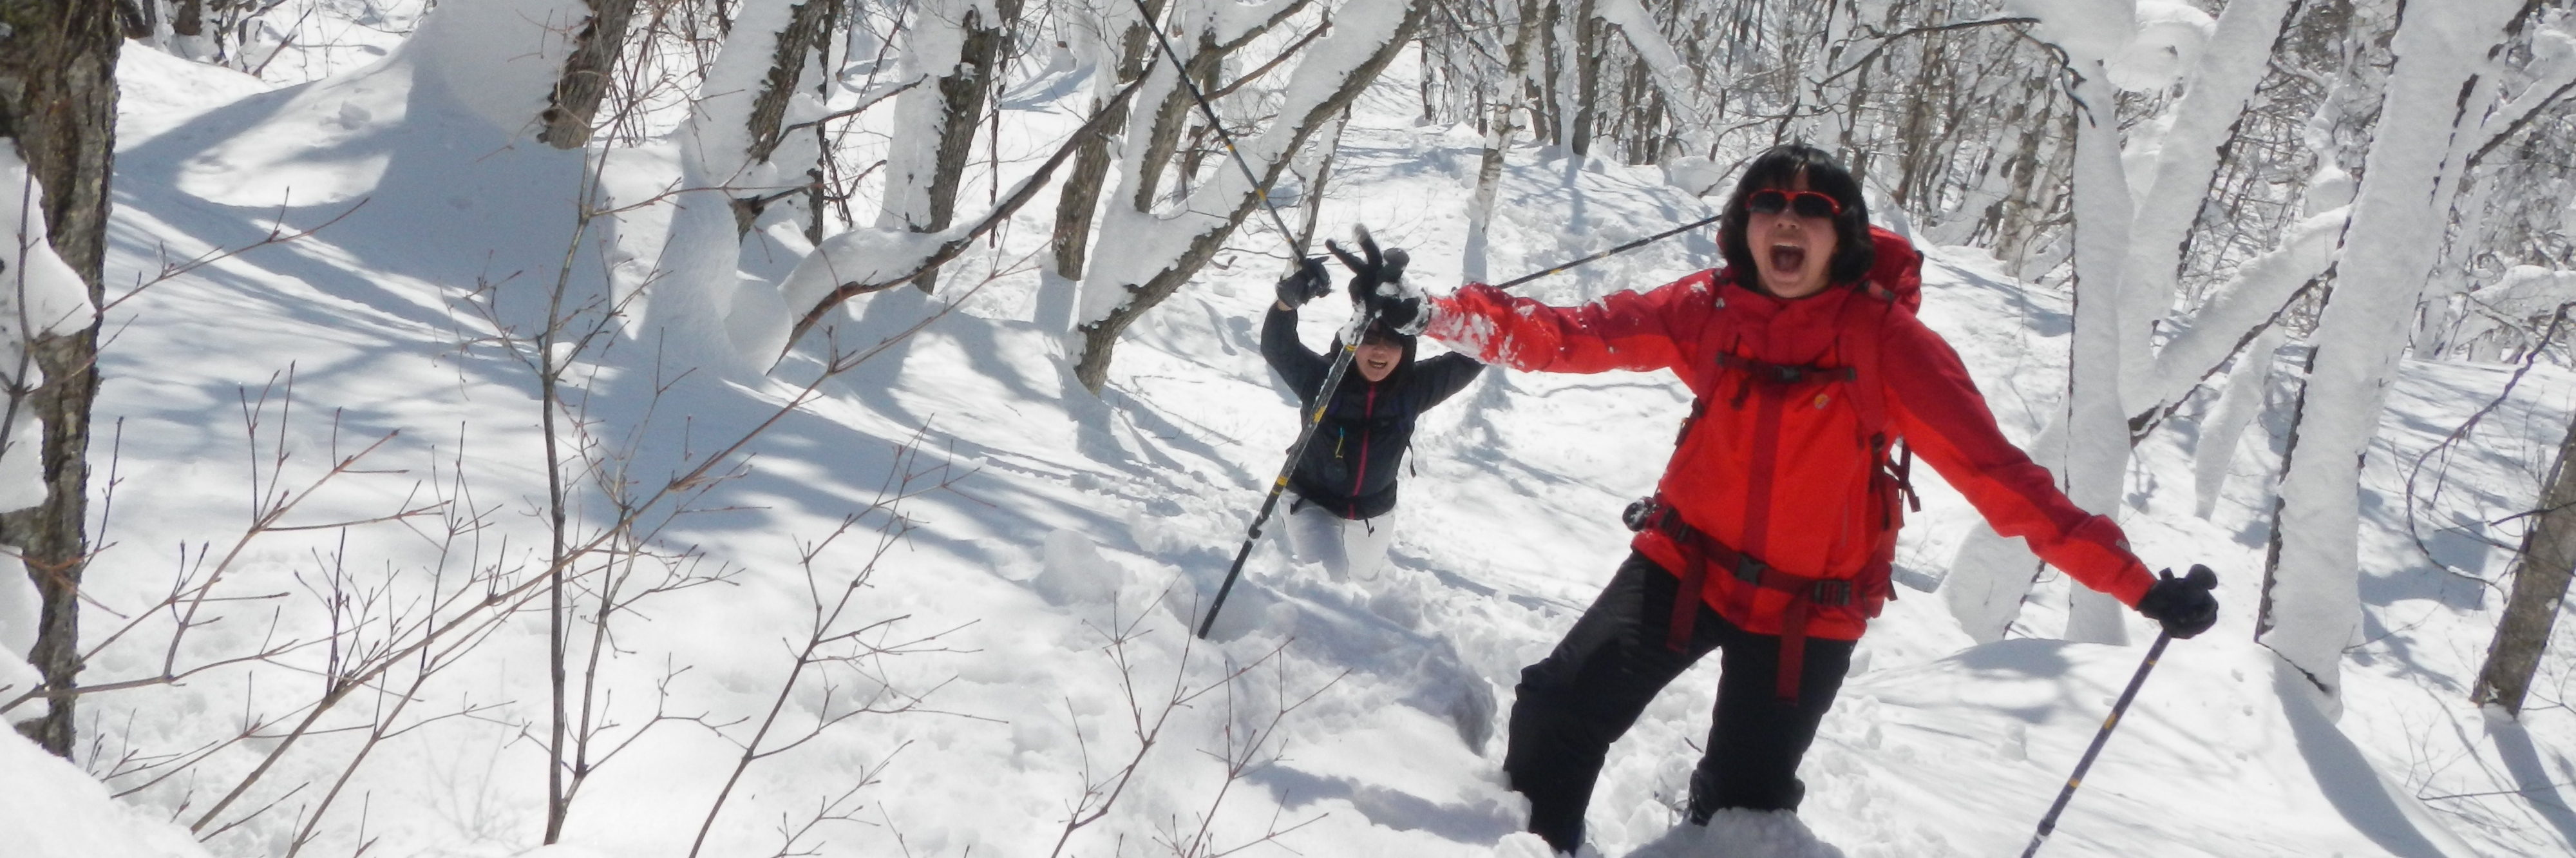 雪遊び最高!